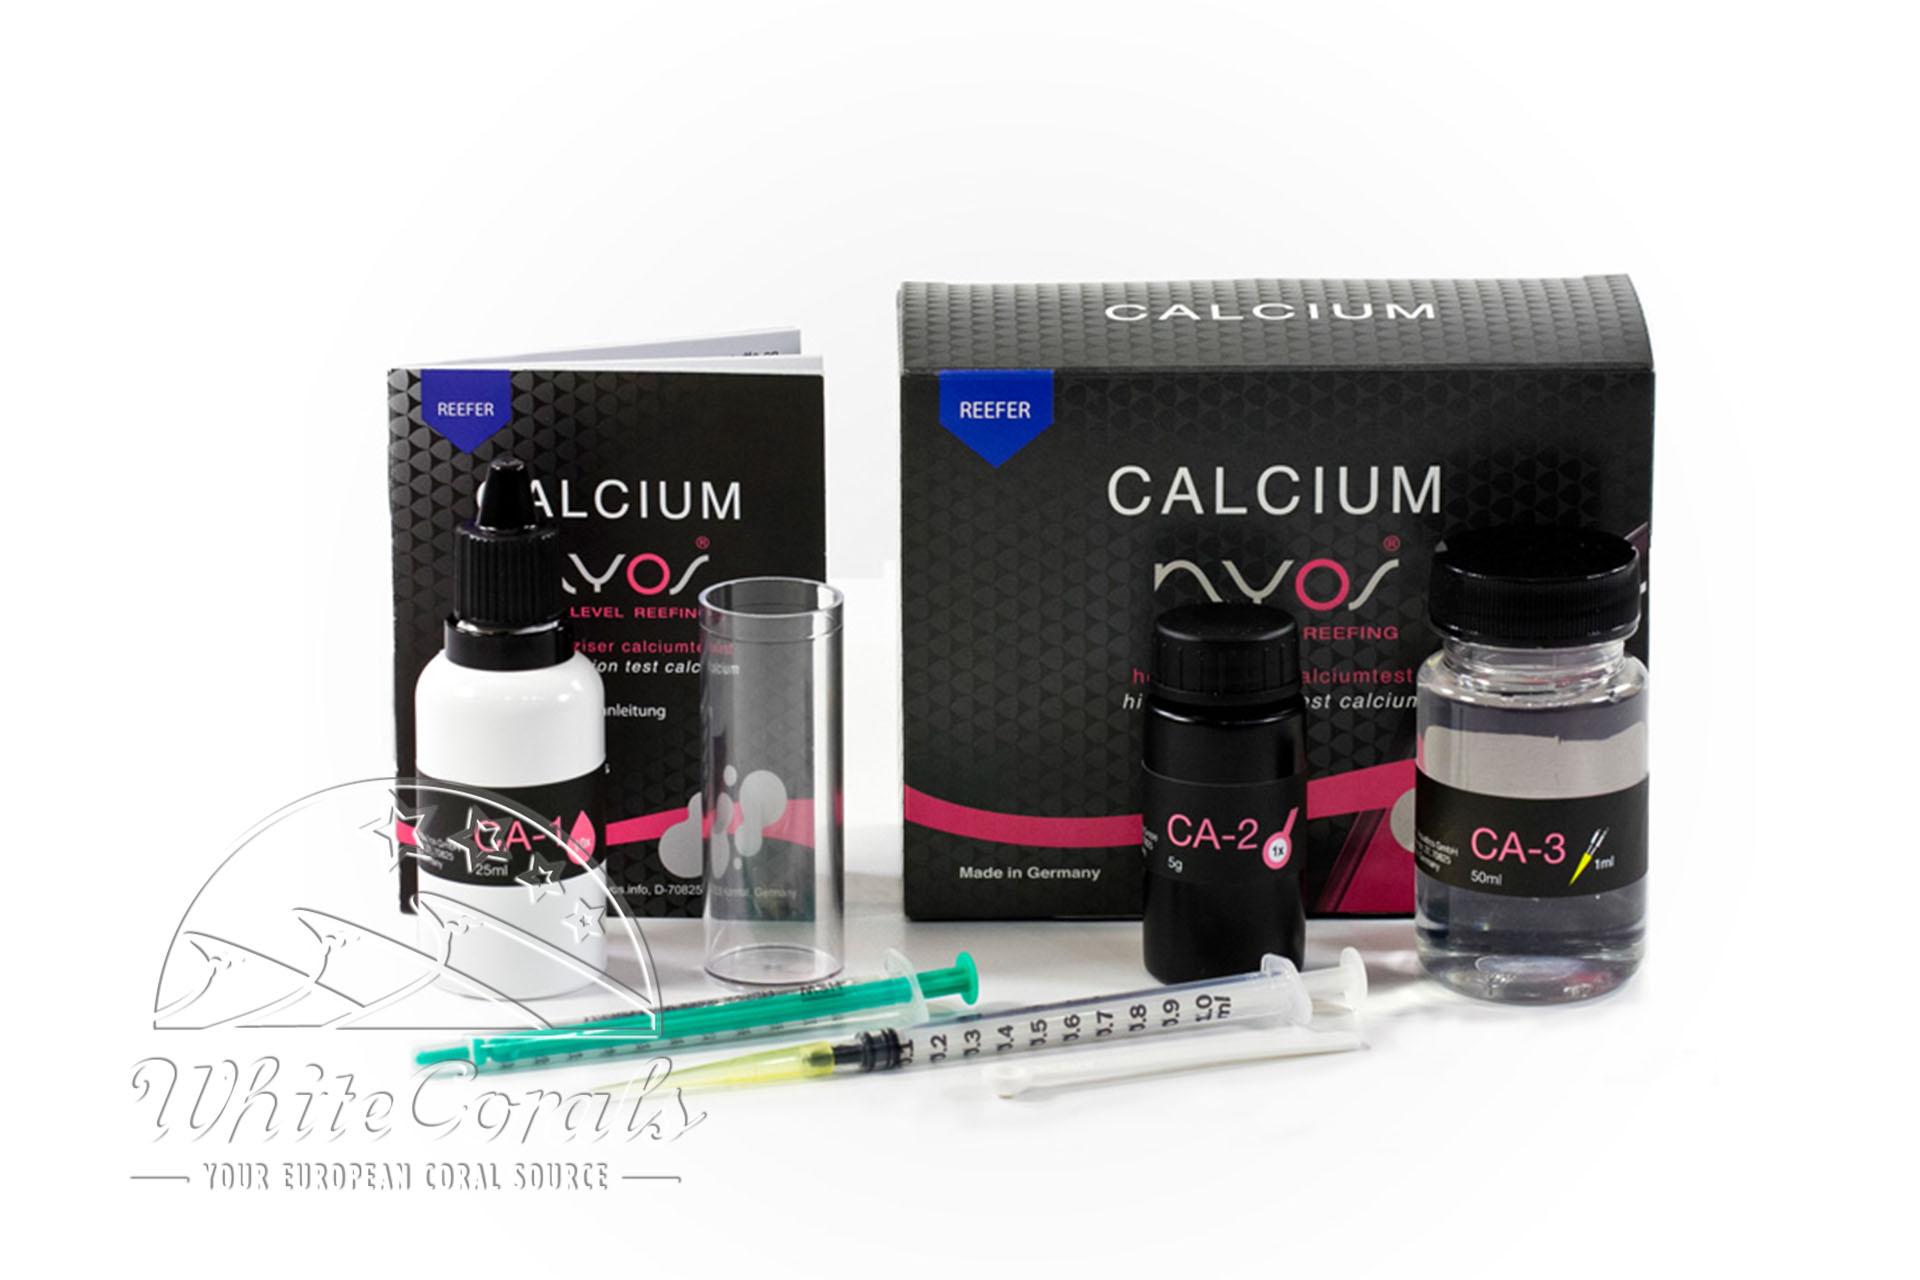 Nyos Testkit Calcium Reefer water test